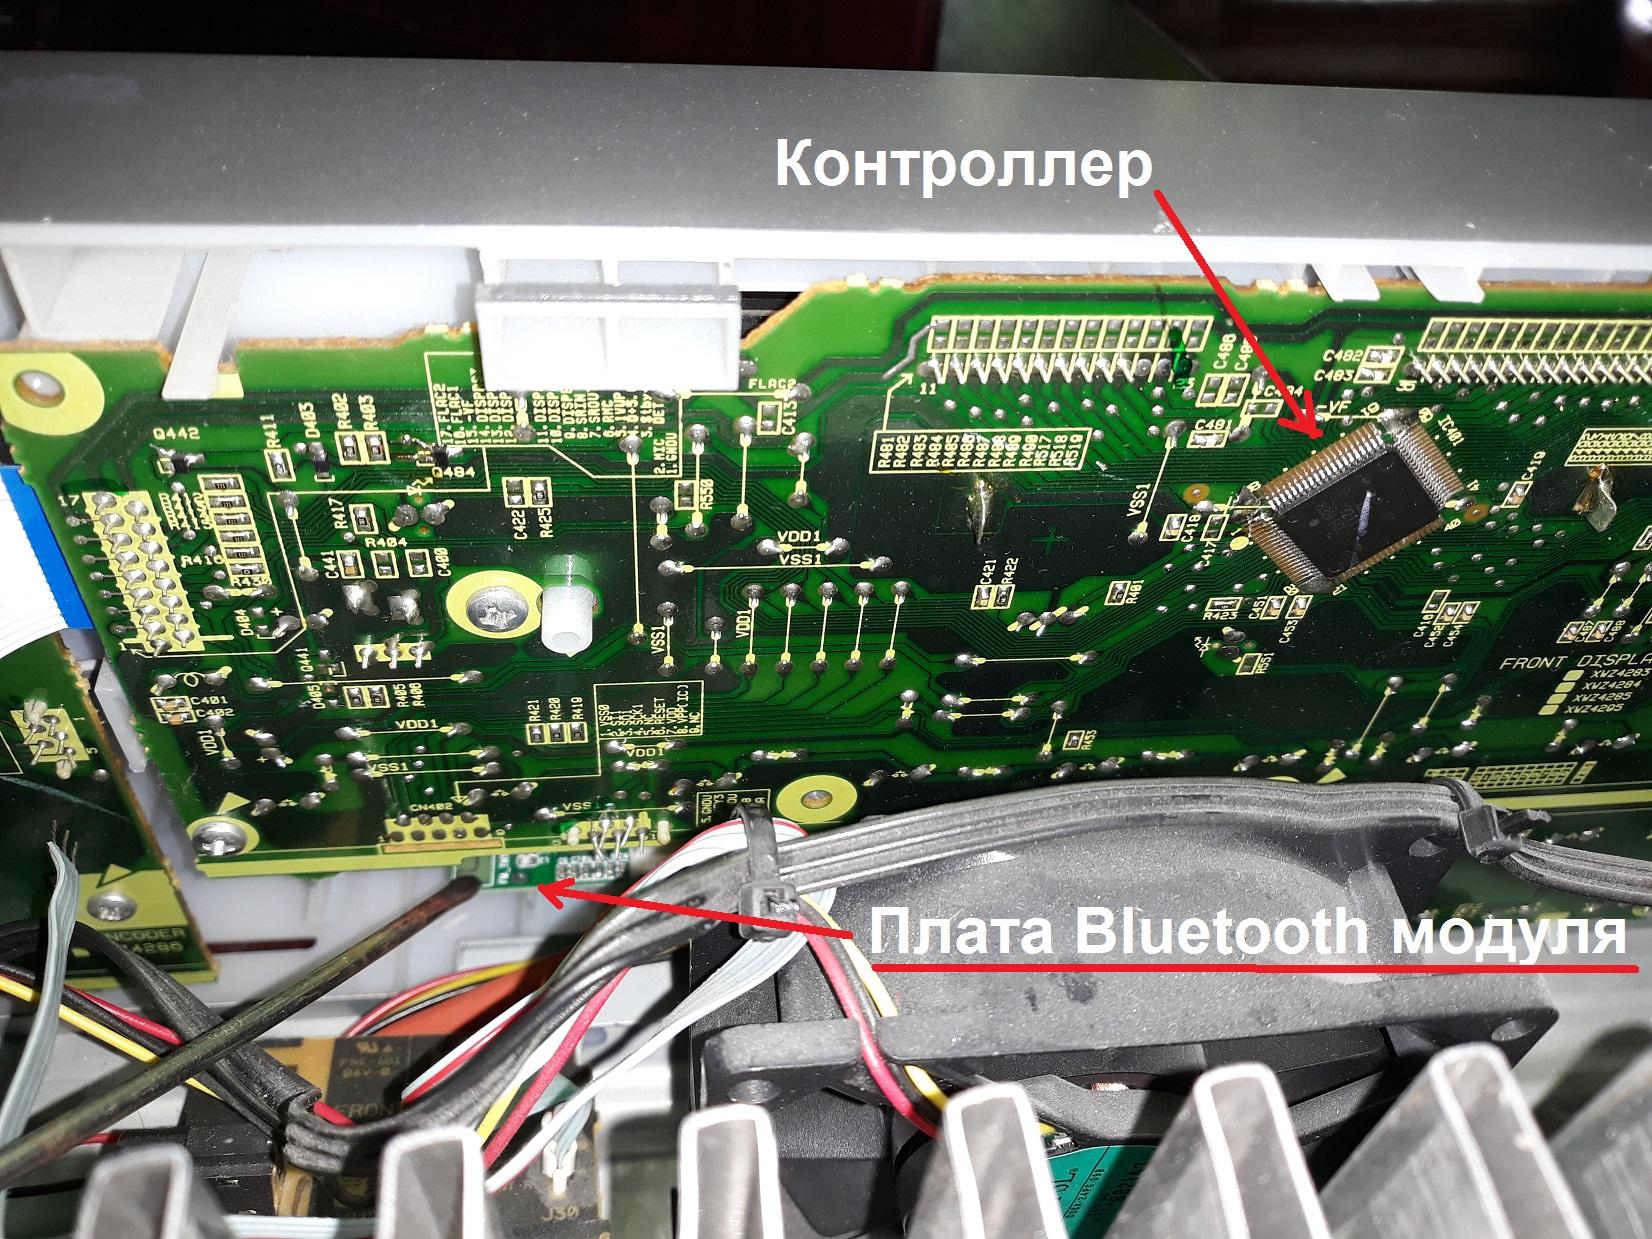 Как нельзя устанавливать Bluetooth модуль